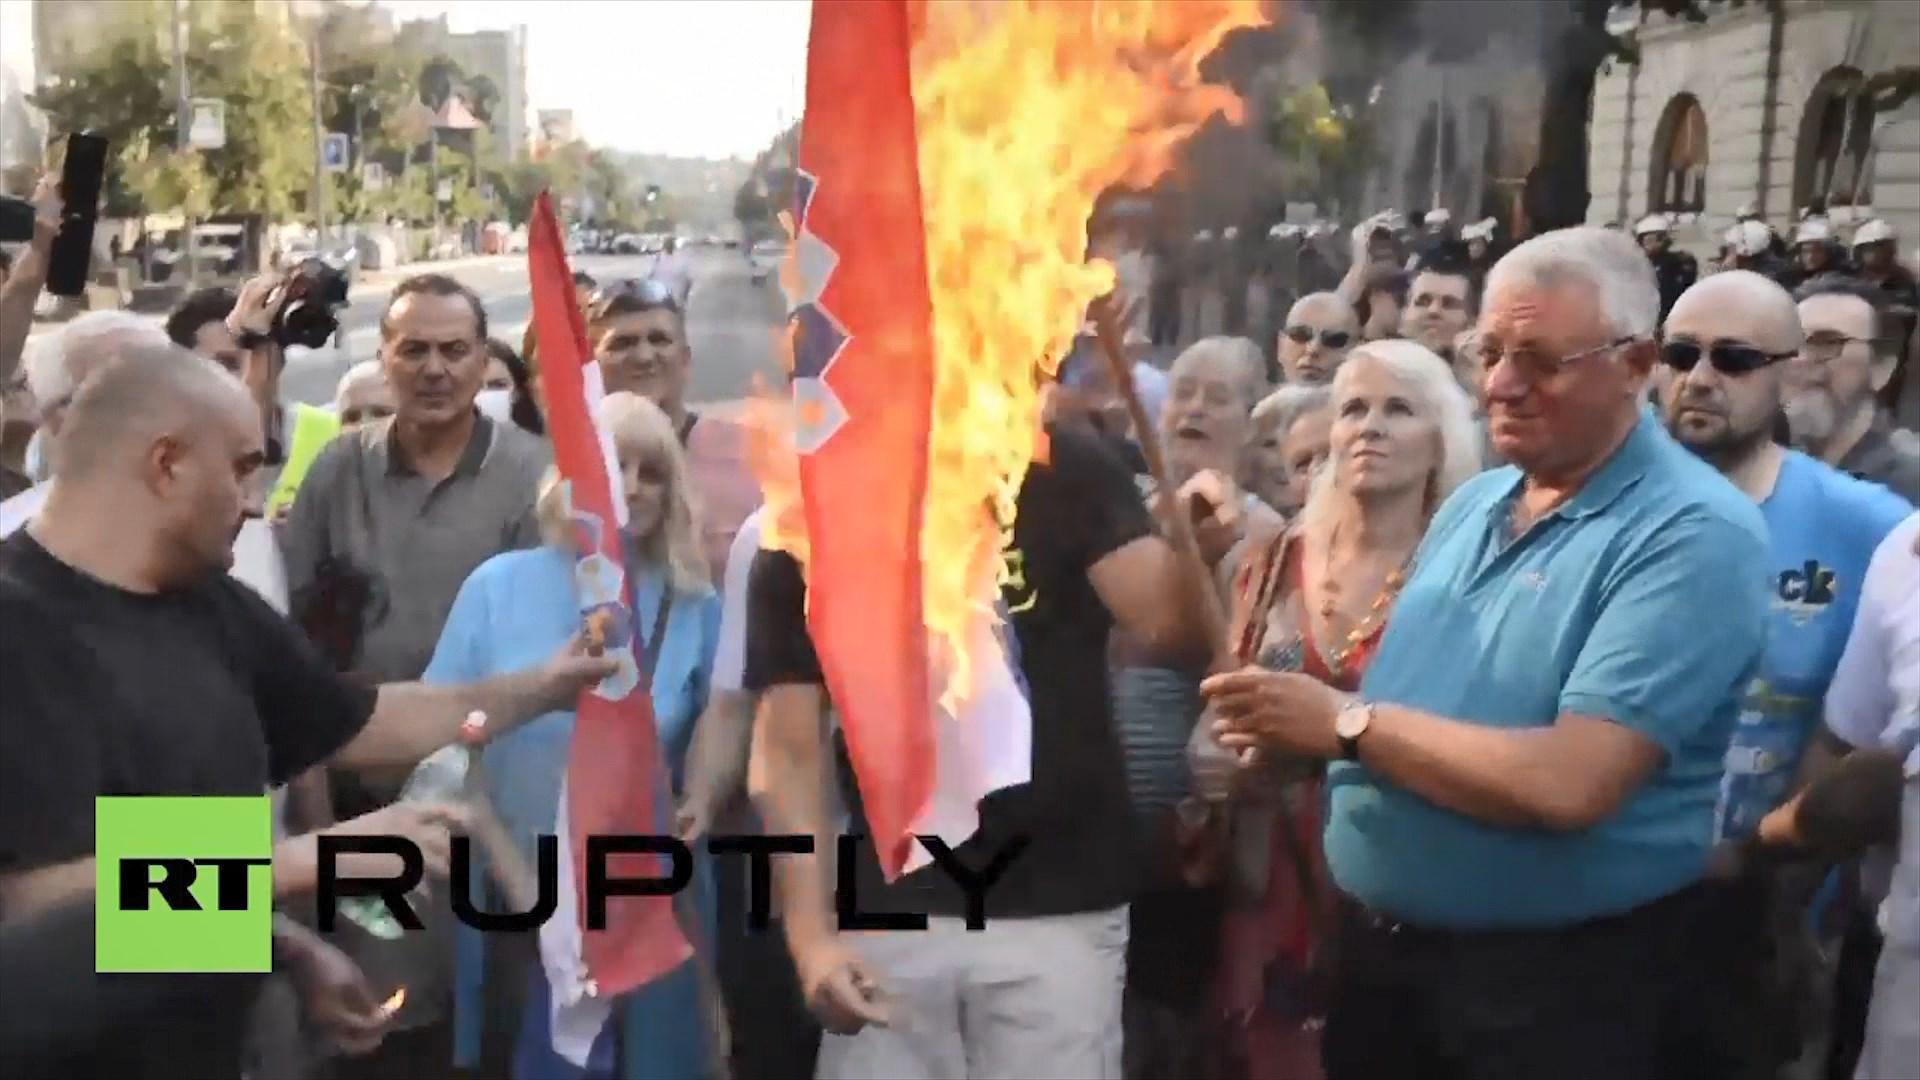 Përshkallëzohen tensionet Kroaci- Serbi pas incidentit me flamurin